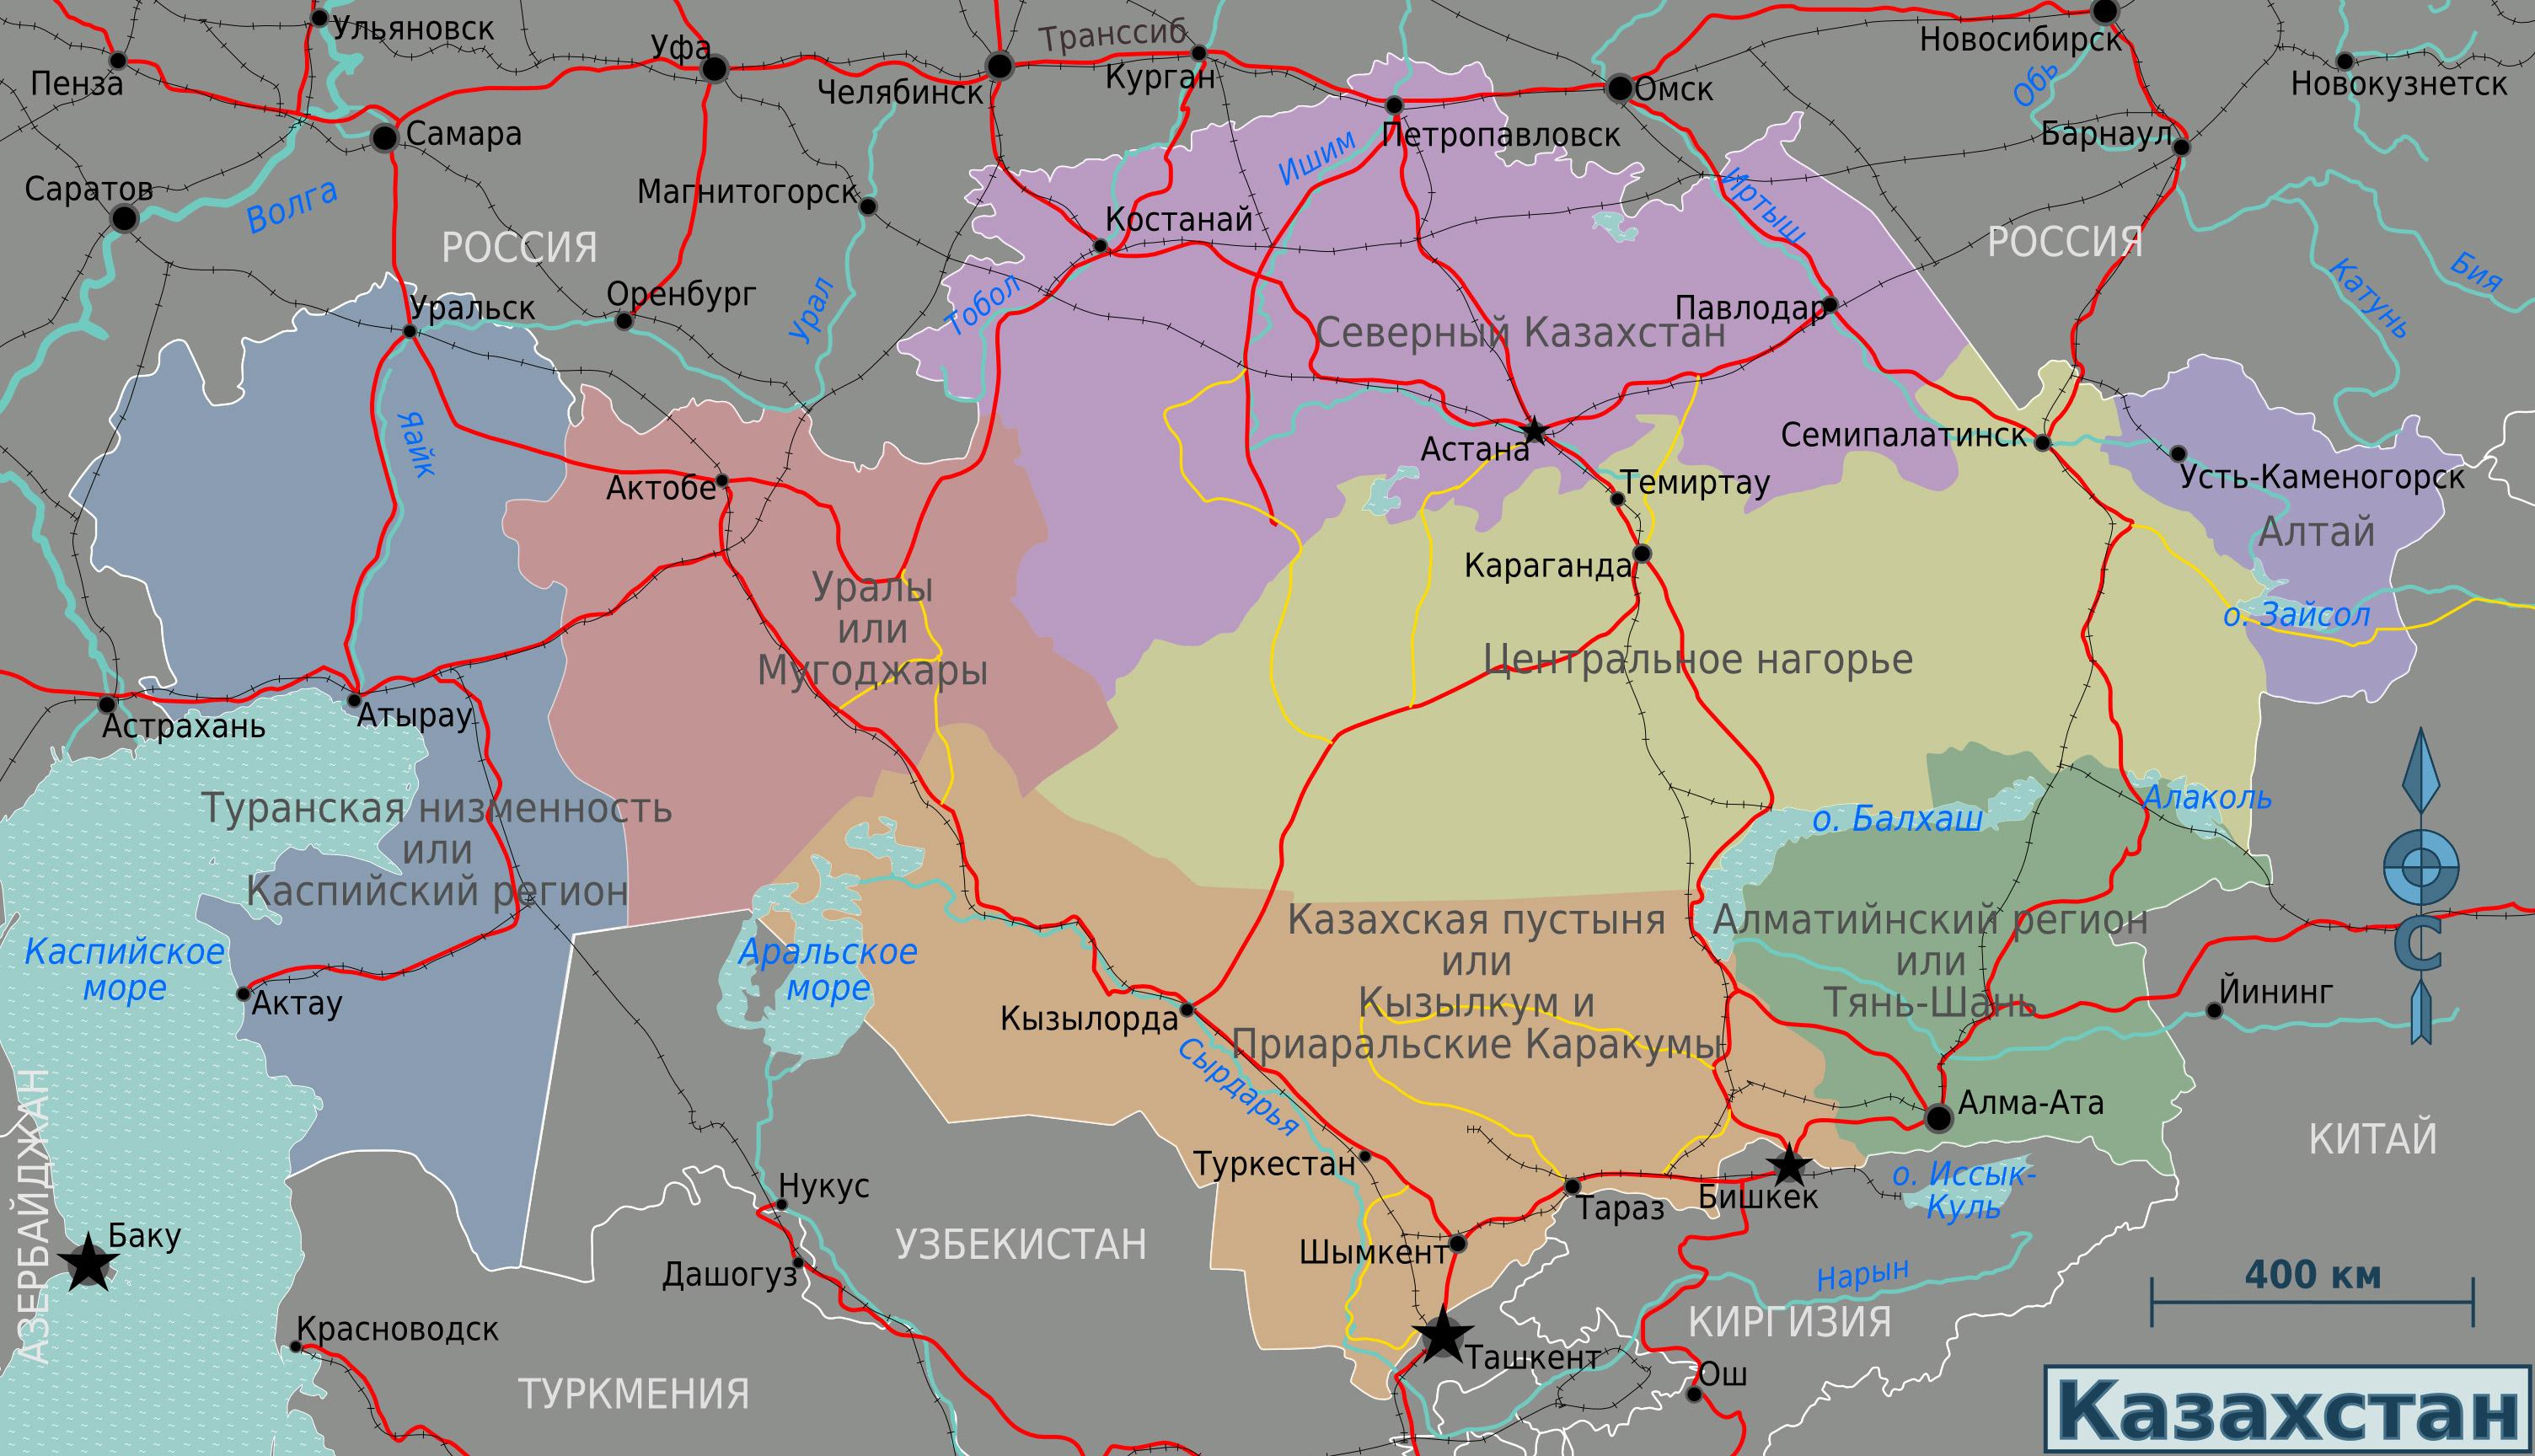 Карта казахстана скачать на компьютер